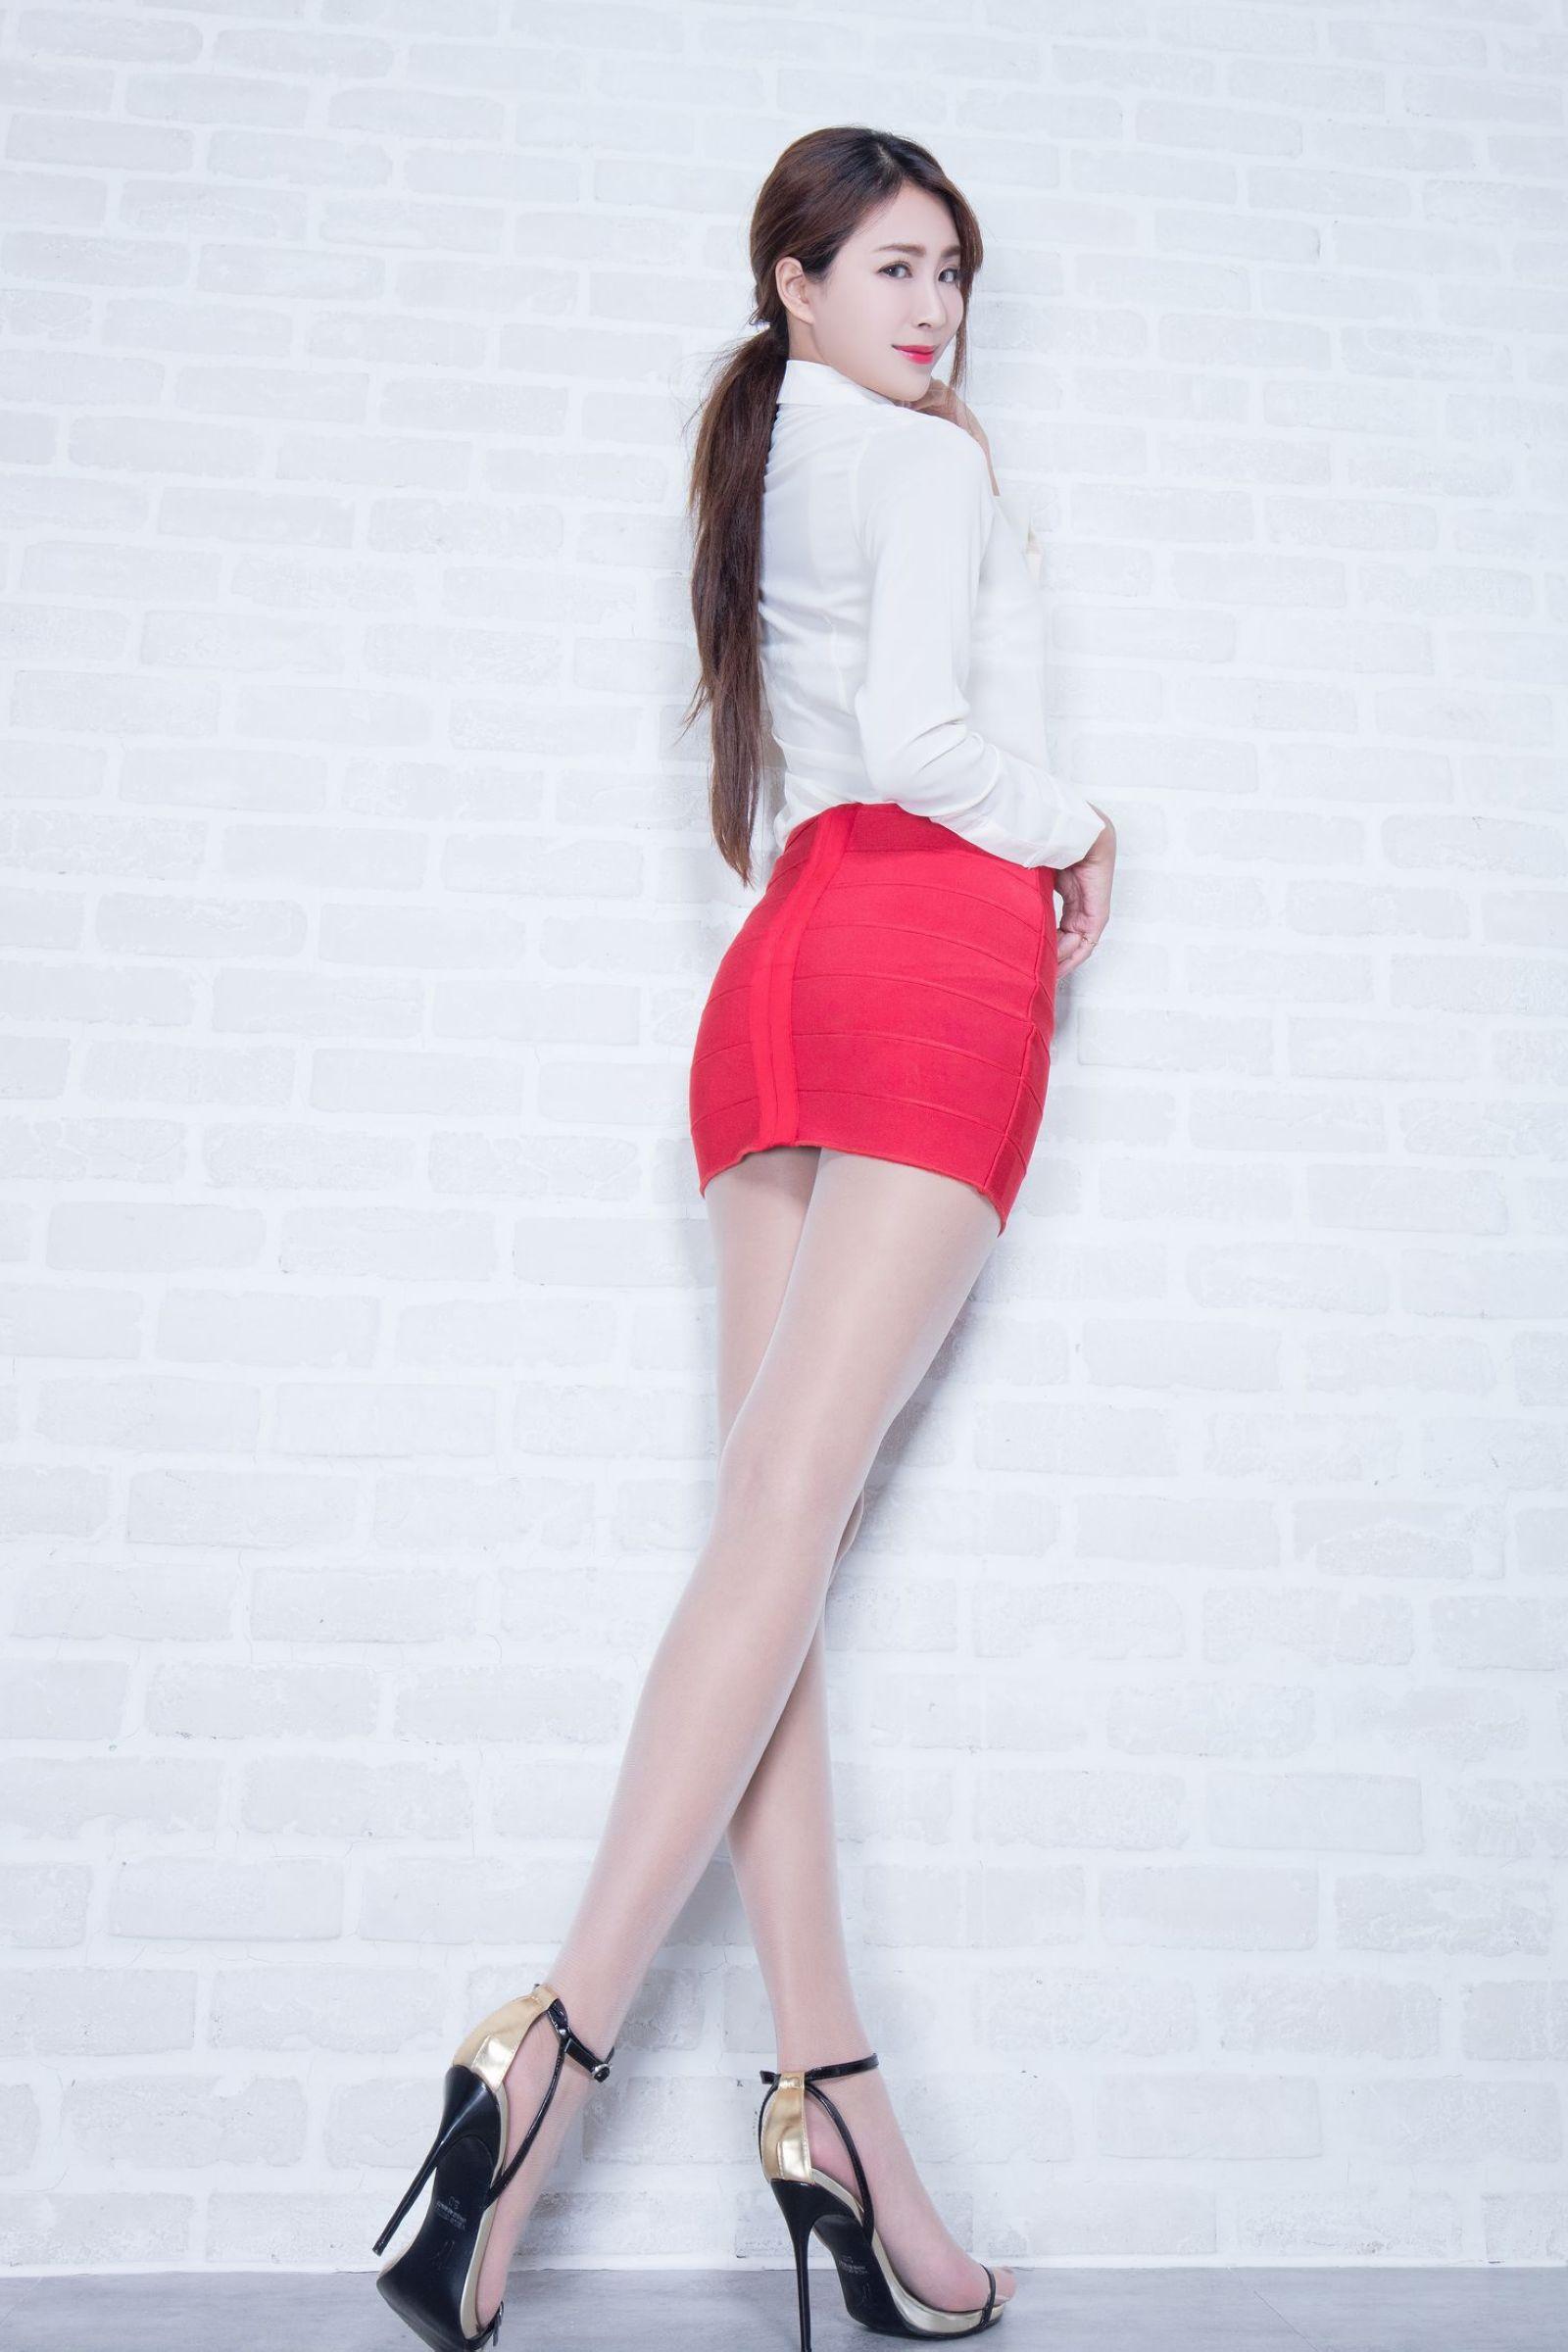 爱秀美腿秀Miso2 - 花開有聲 - 花開有聲